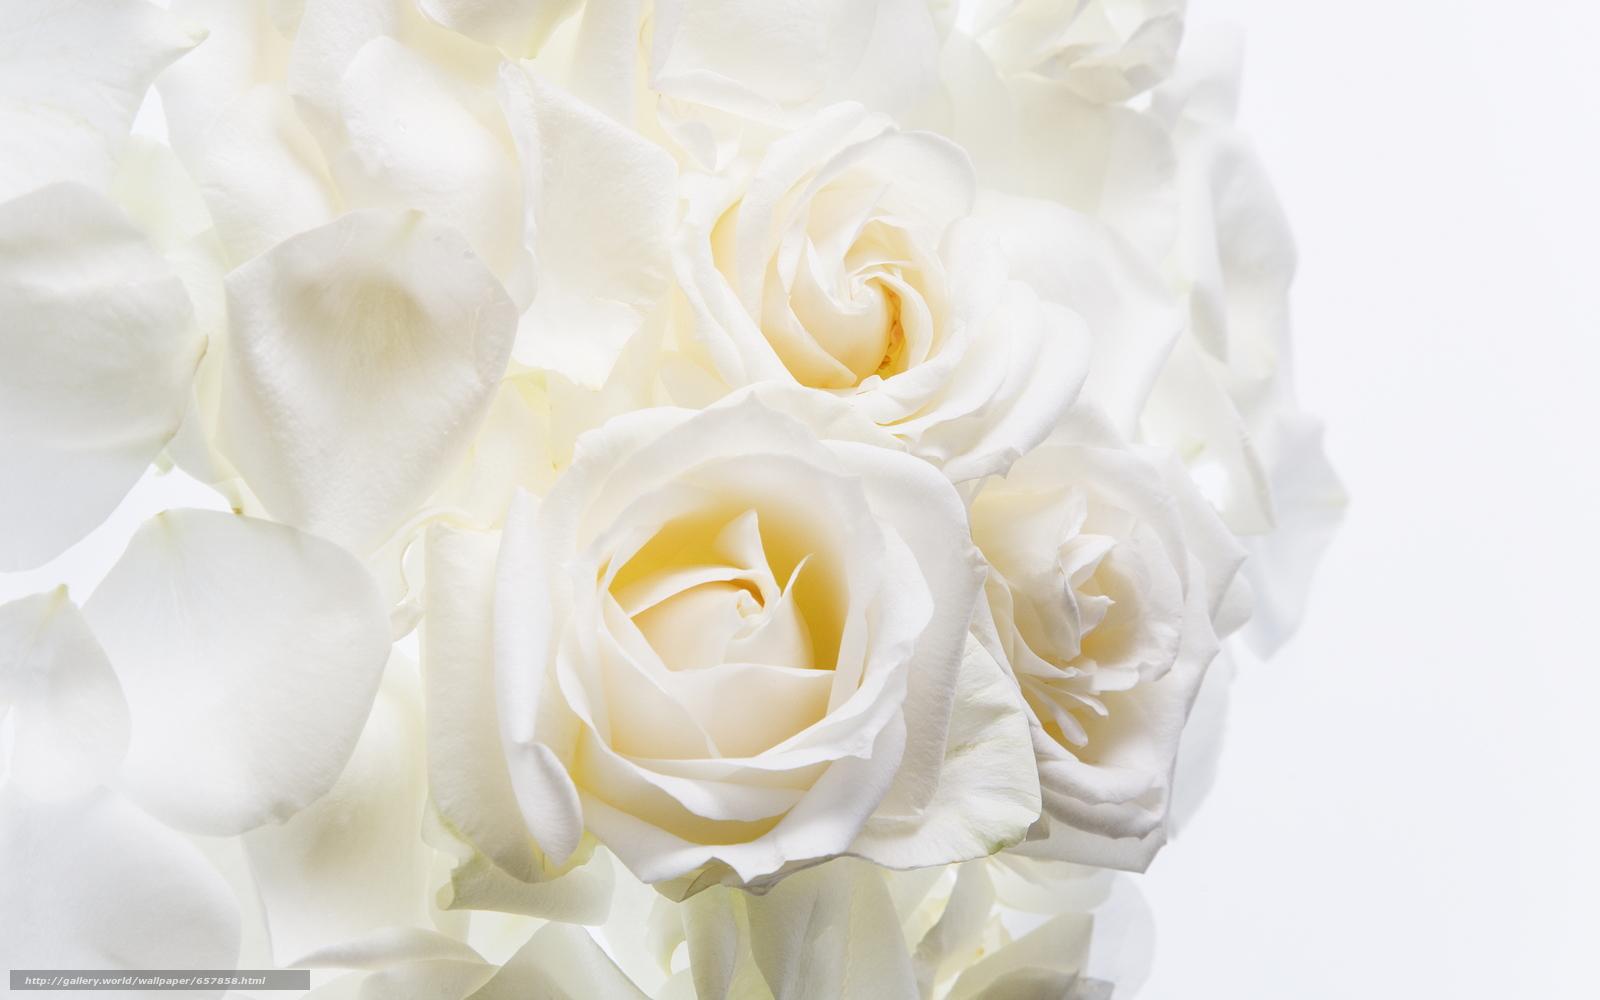 Скачать обои цветы,  цветок,  роза,  розы бесплатно для рабочего стола в разрешении 2950x1843 — картинка №657858